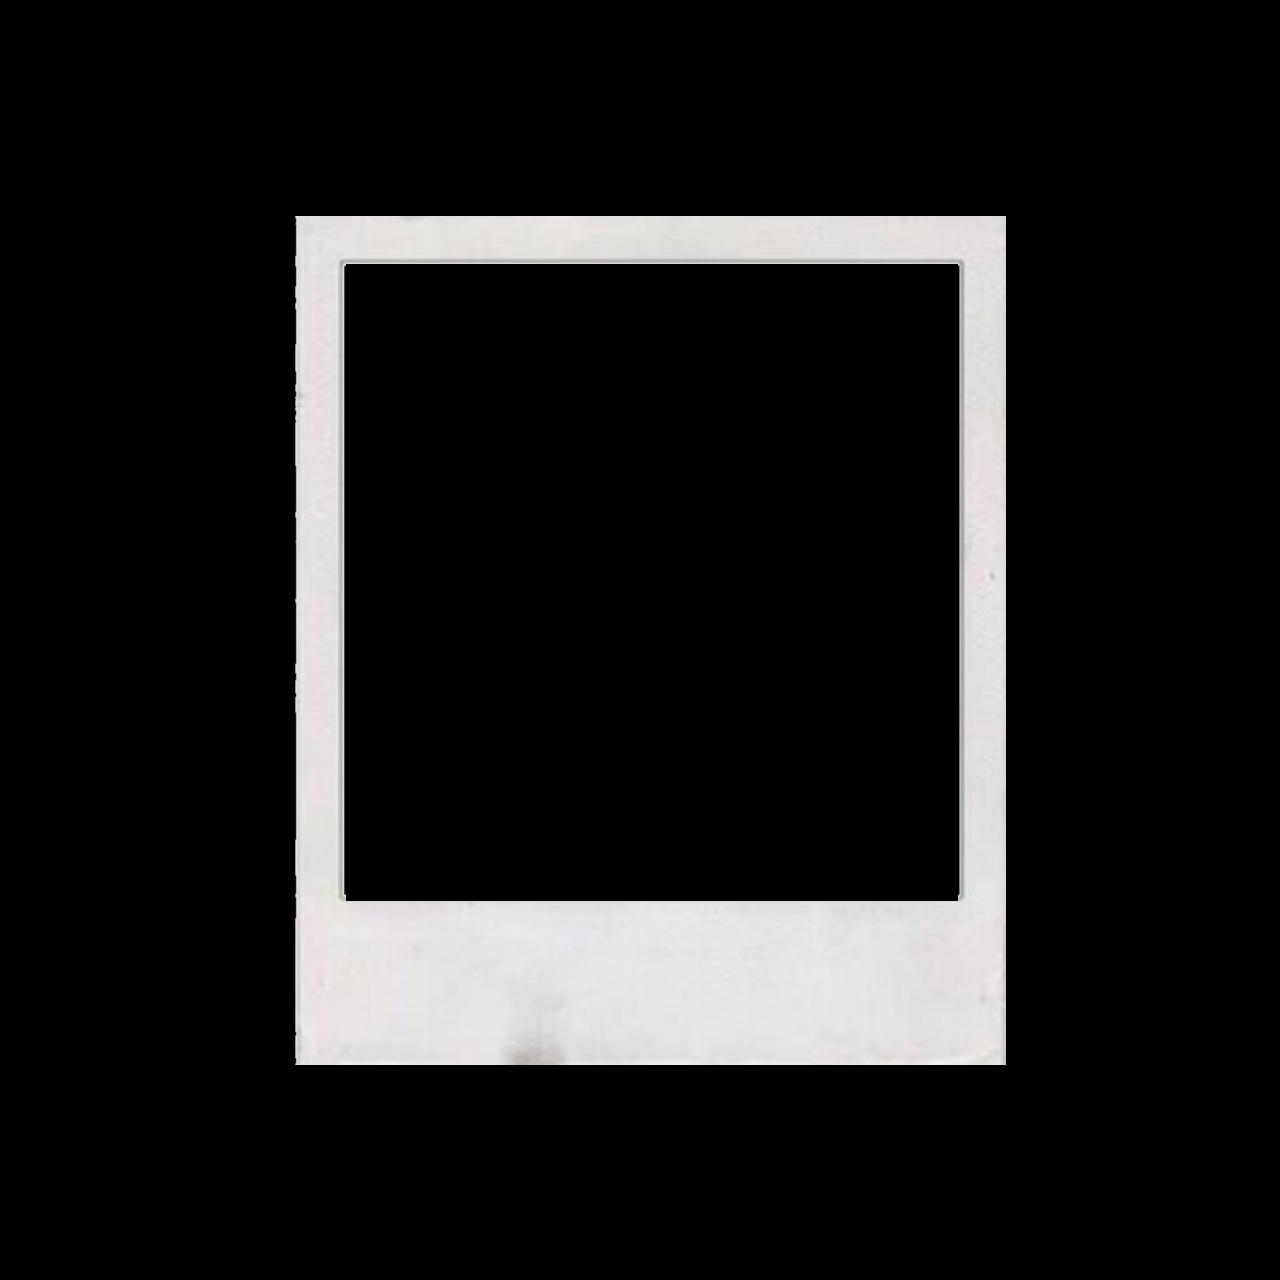 белые рамки для фото в инстаграме есть целый